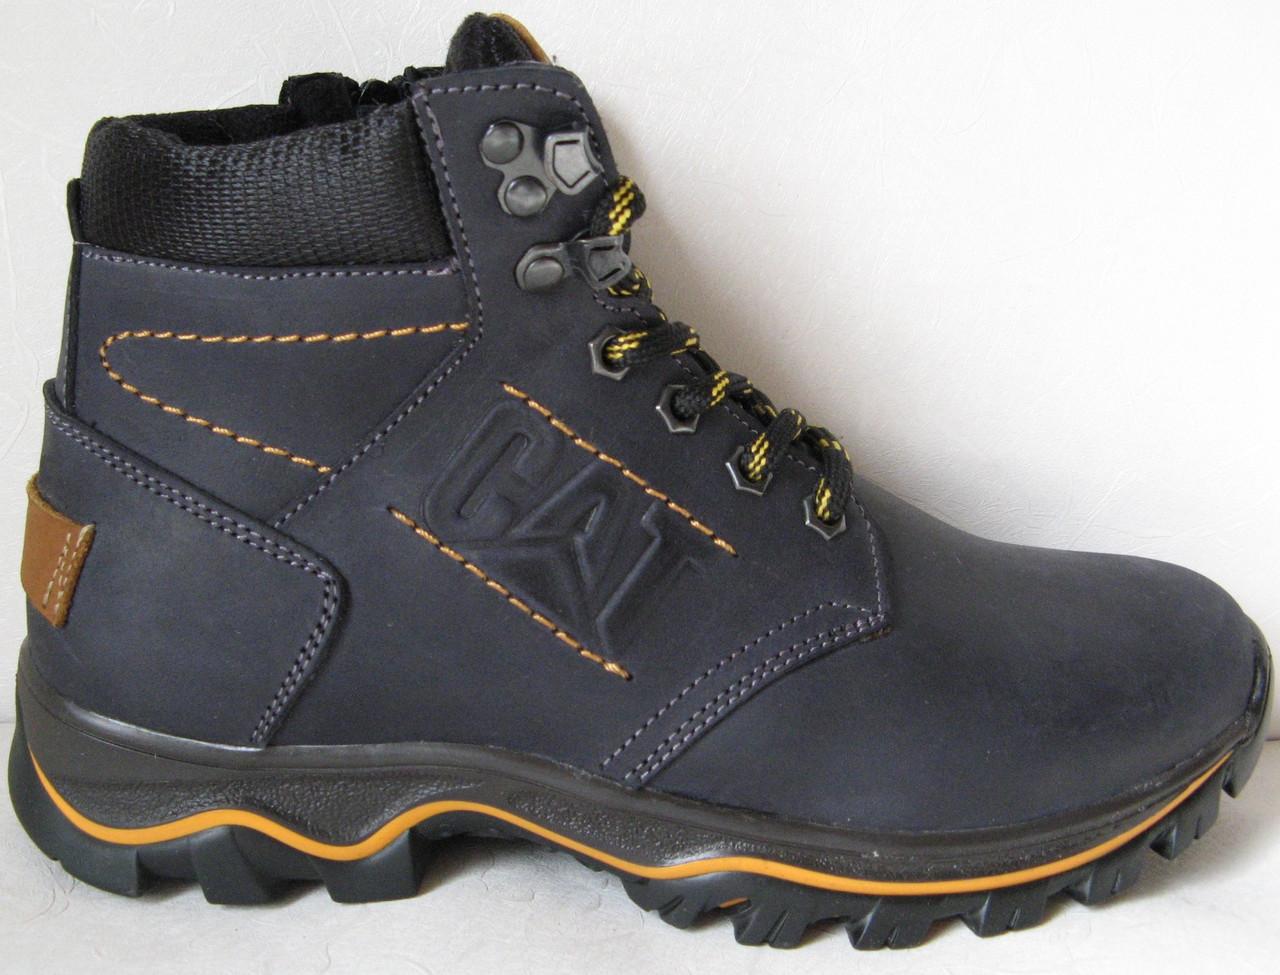 Дитячі зимові черевики Caterpillar репліка з натуральної шкіри та вовни 8e9edd6d3e0fa